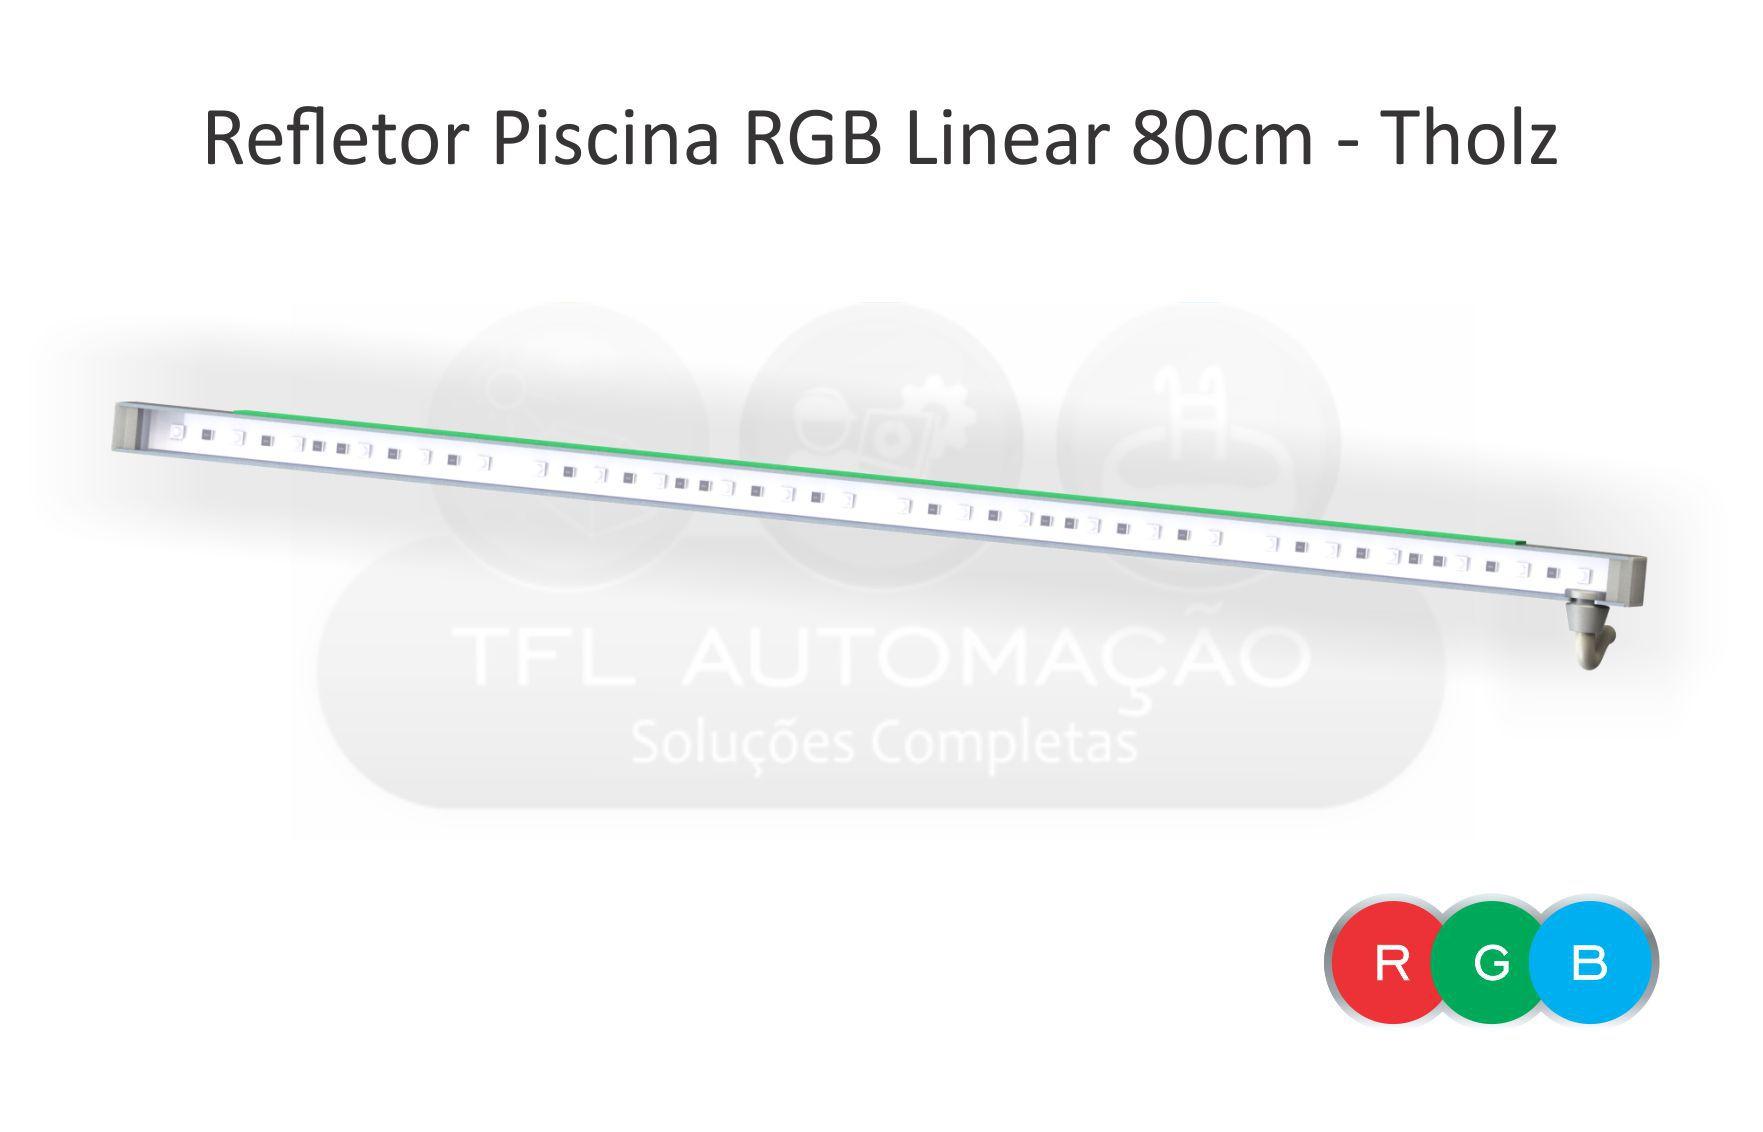 Iluminação Led Para Cascata 80cm Rgb - Tholz